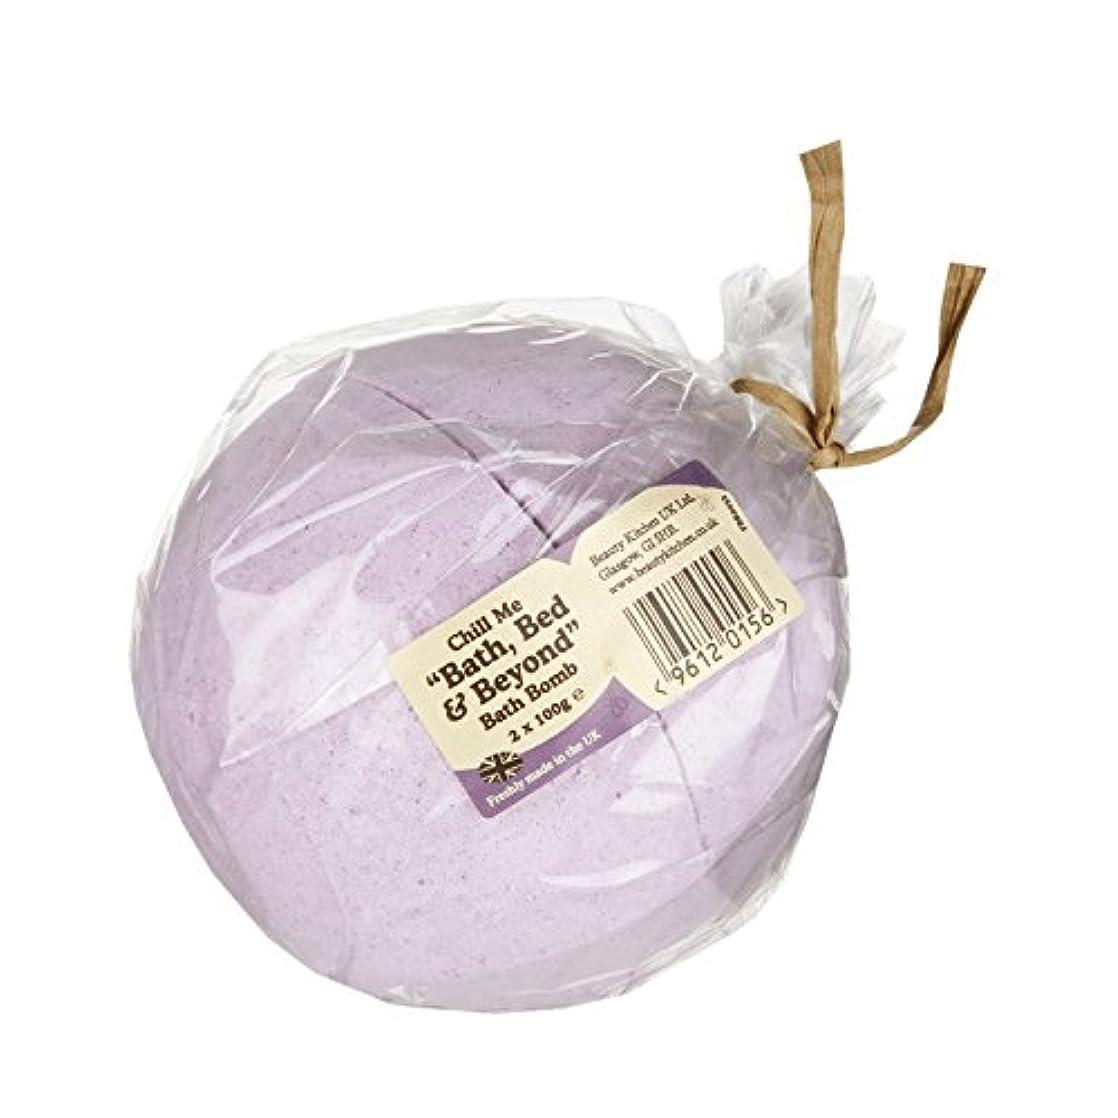 腐敗アーティファクト密度Beauty Kitchen Chill Me Bath, Bed & Beyond Bath Bomb 2 x 100g (Pack of 6) - 美しさのキッチンには、バスタブ、ベッド&バス爆弾2×100グラムを超...